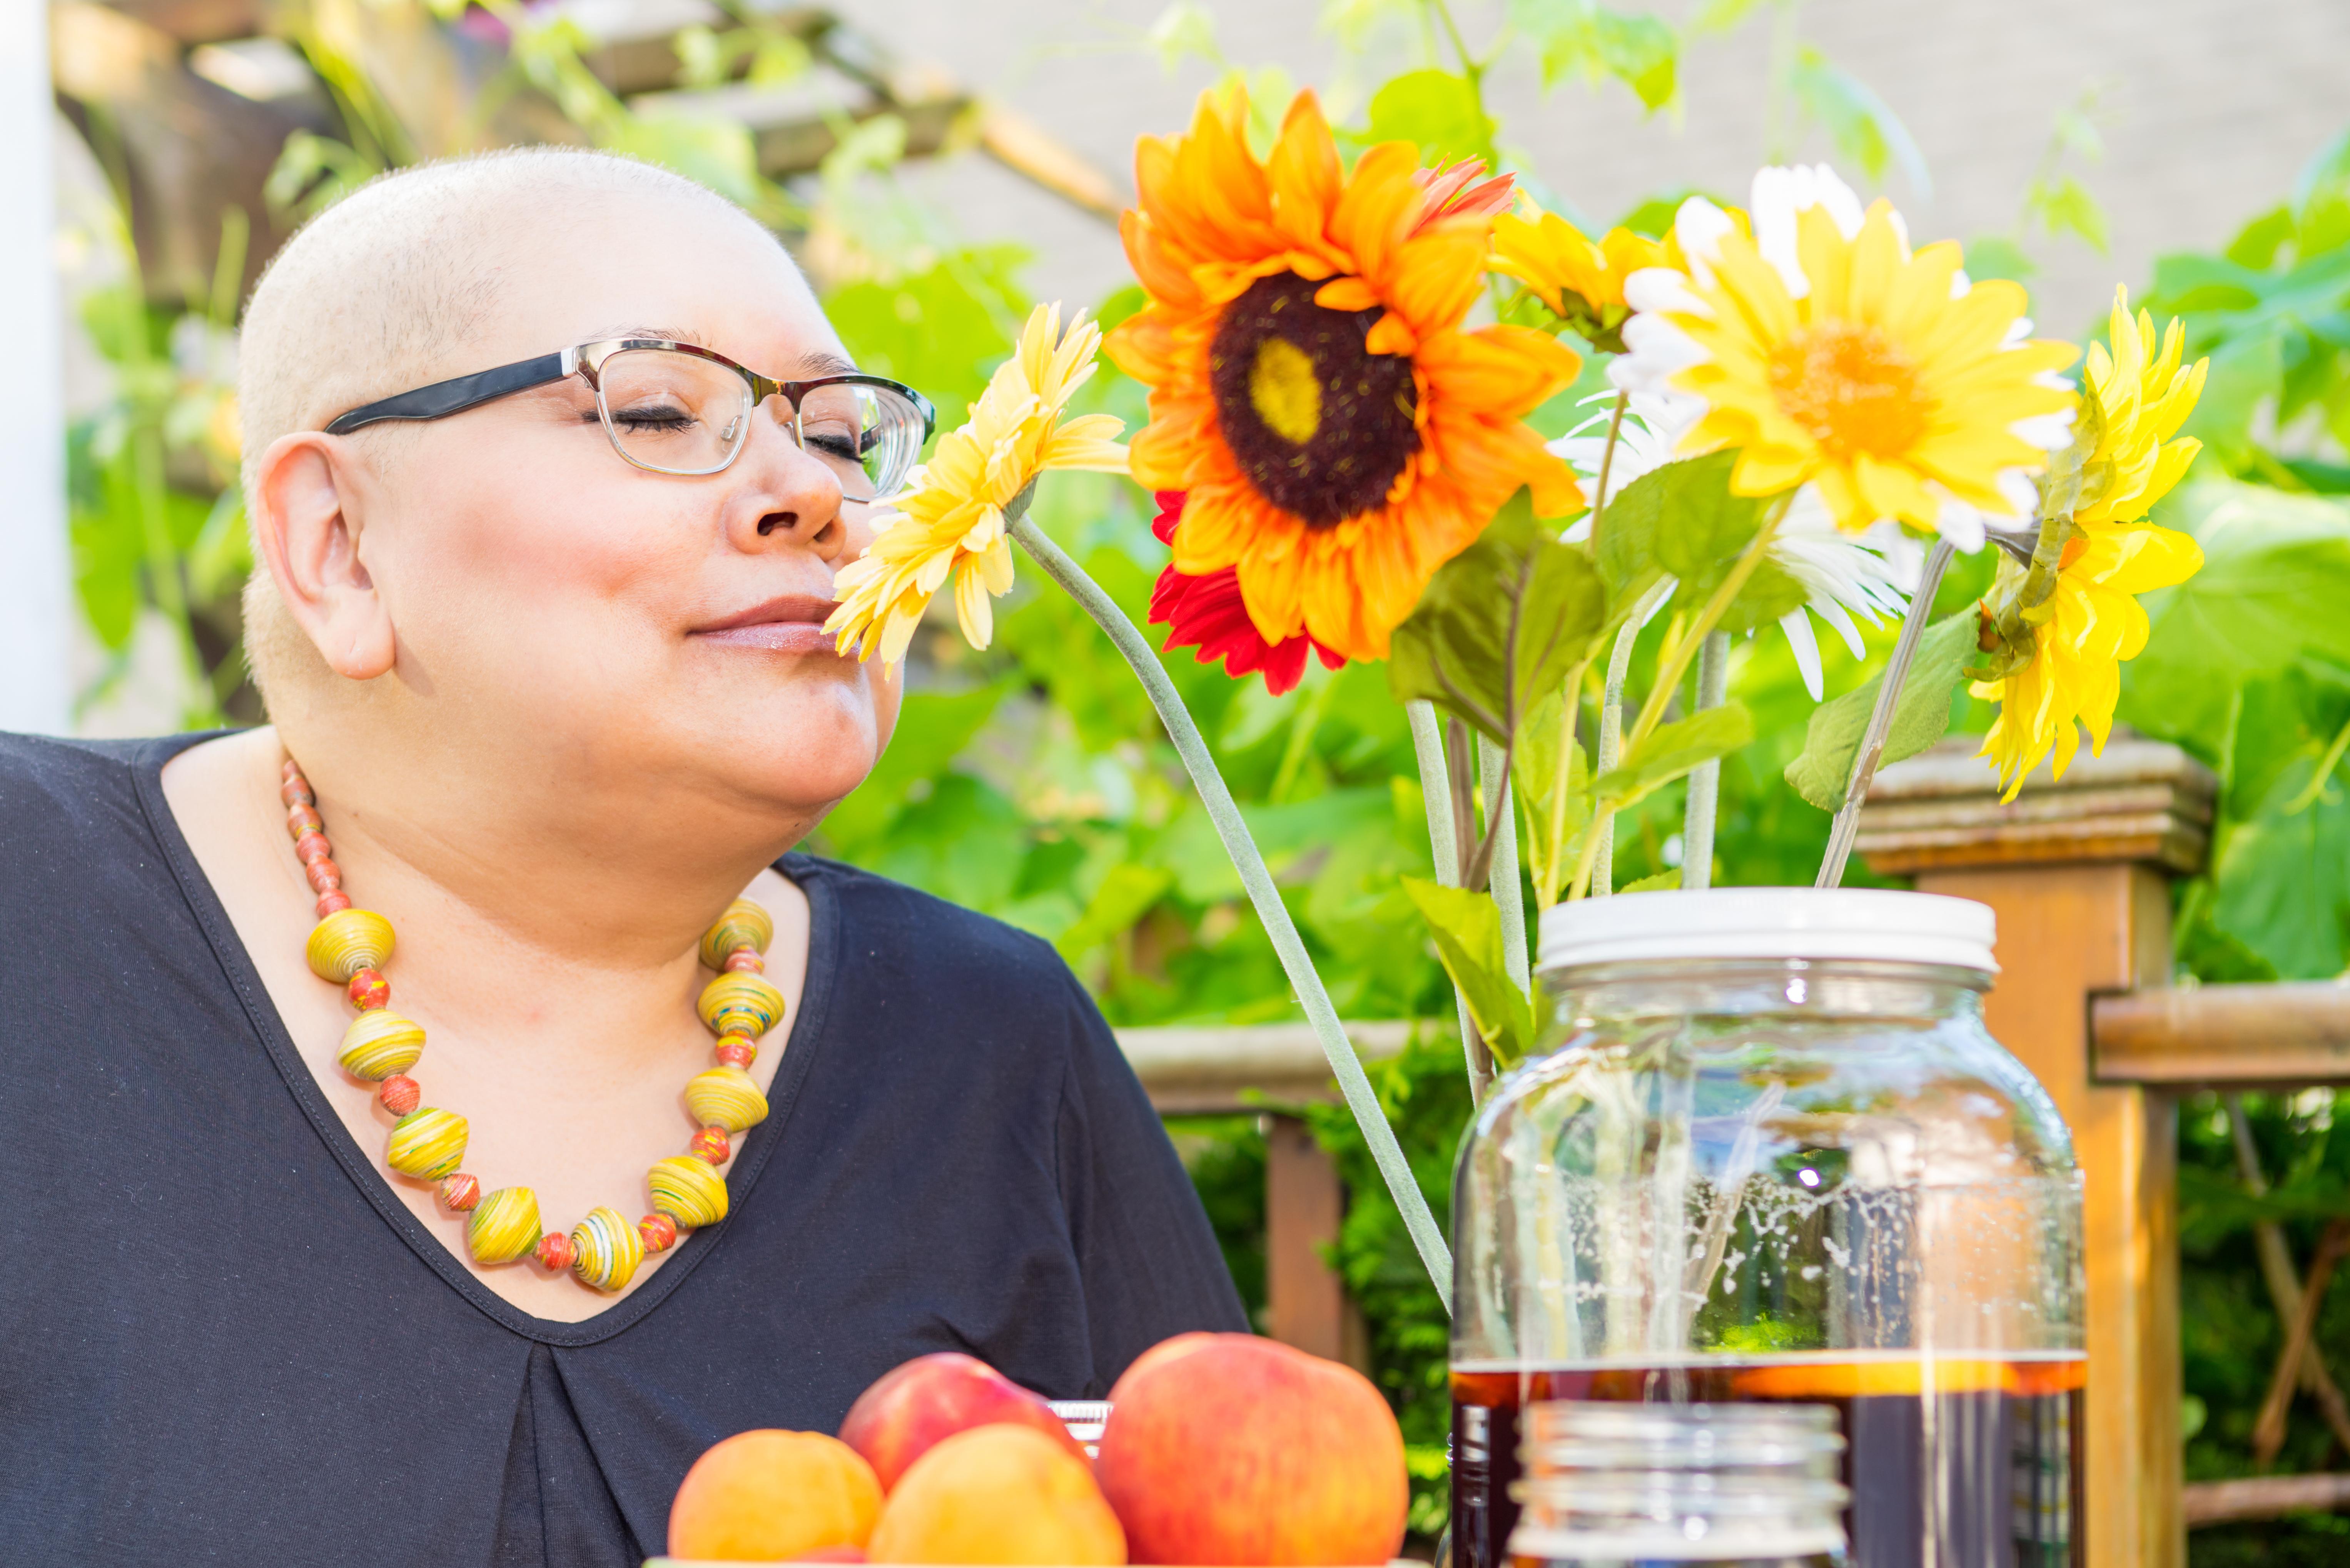 Det är inte ovanligt att cancertumören påverkar aptiten negativt och att upplevelsen av såväl smak som doft förändras.